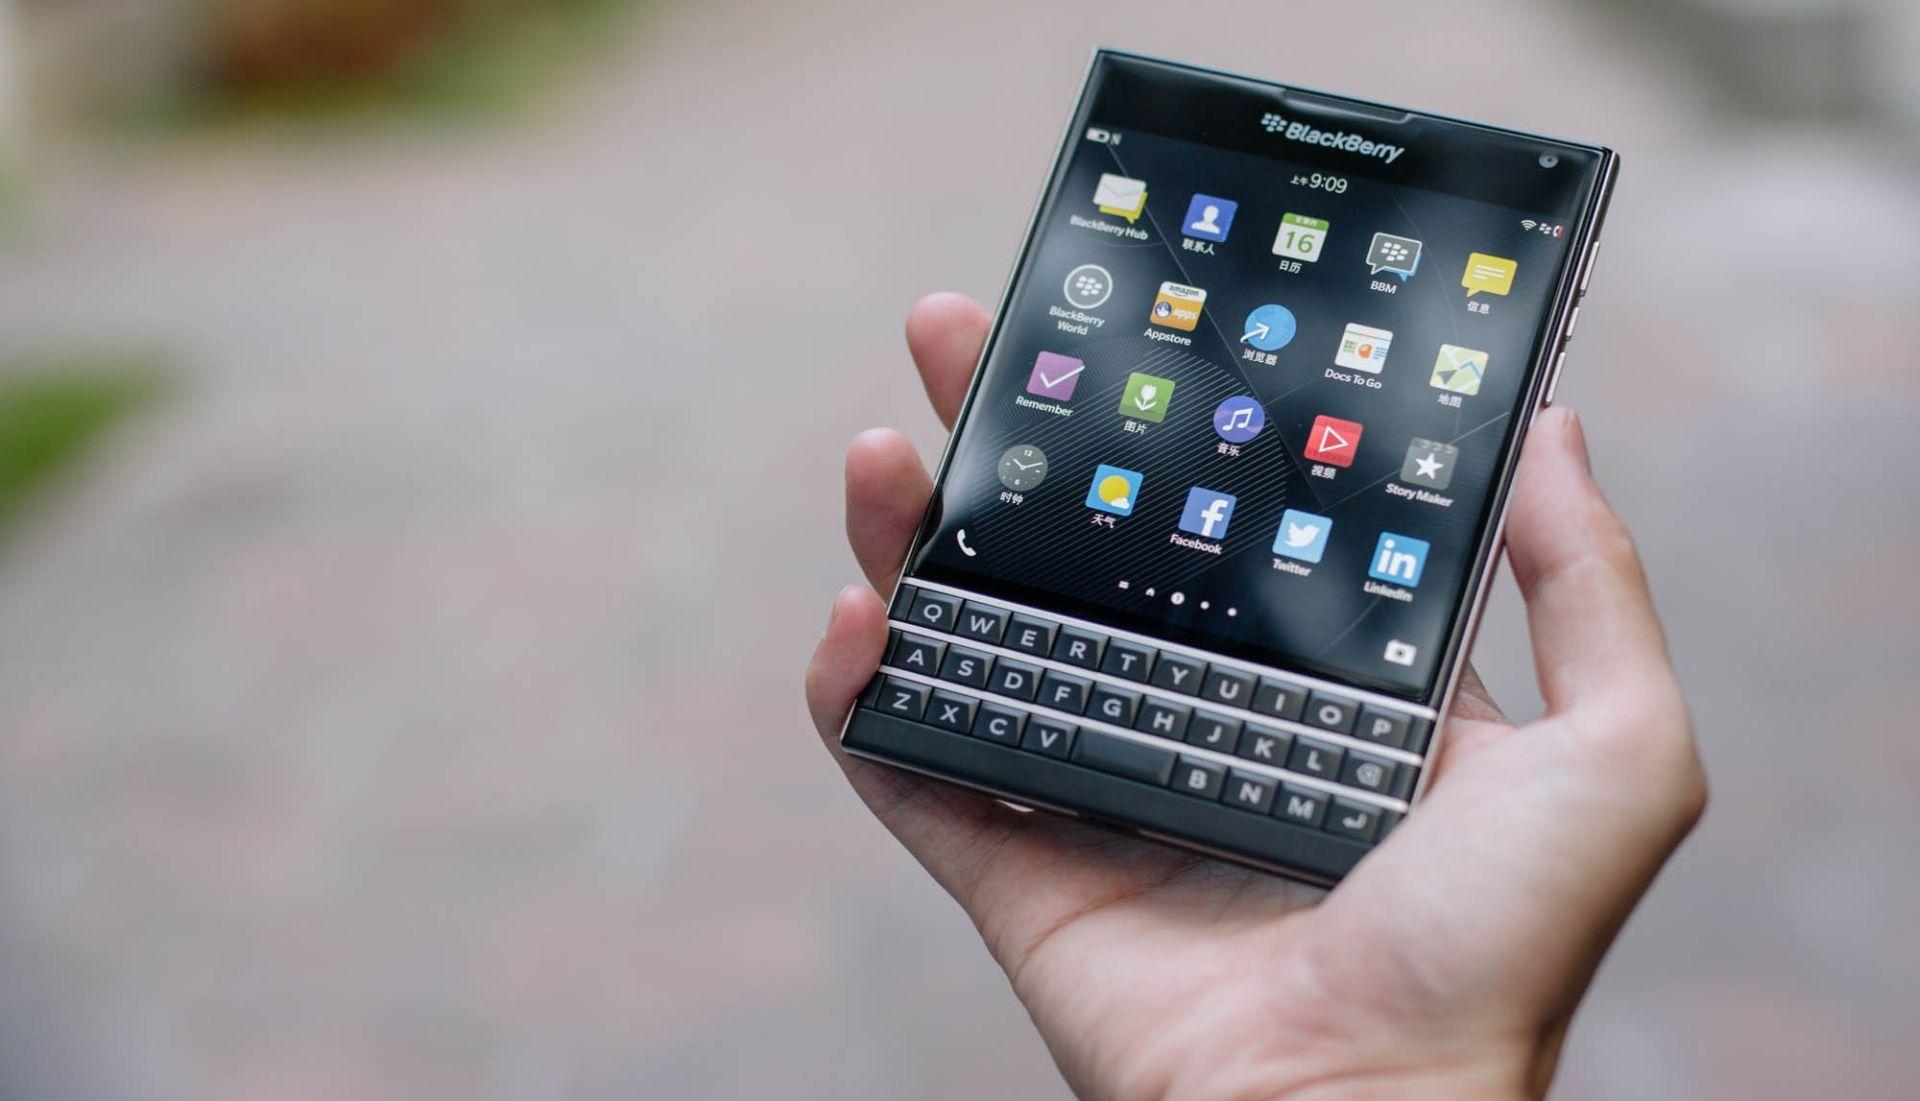 BLACKBERRY ODLAZI U POVIJEST Tvrtka više neće proizvoditi mobitele, posvećuju se softwareu